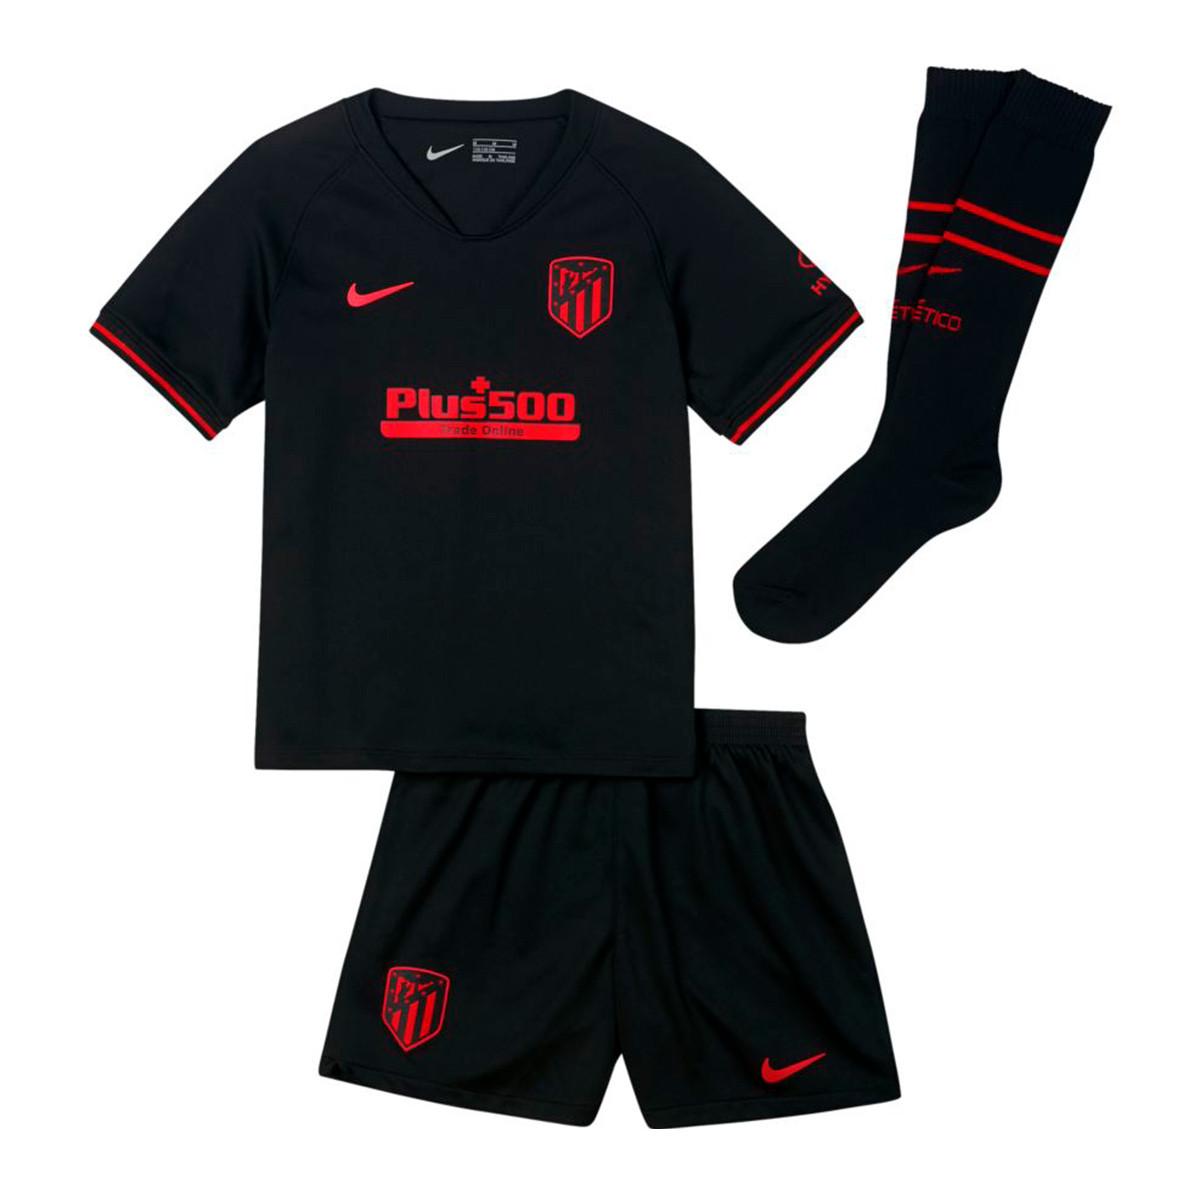 new products e7add 5fd6c Conjunto Atletico de Madrid Breathe Segunda Equipación 2019-2020 Niño  Black-Challenge red